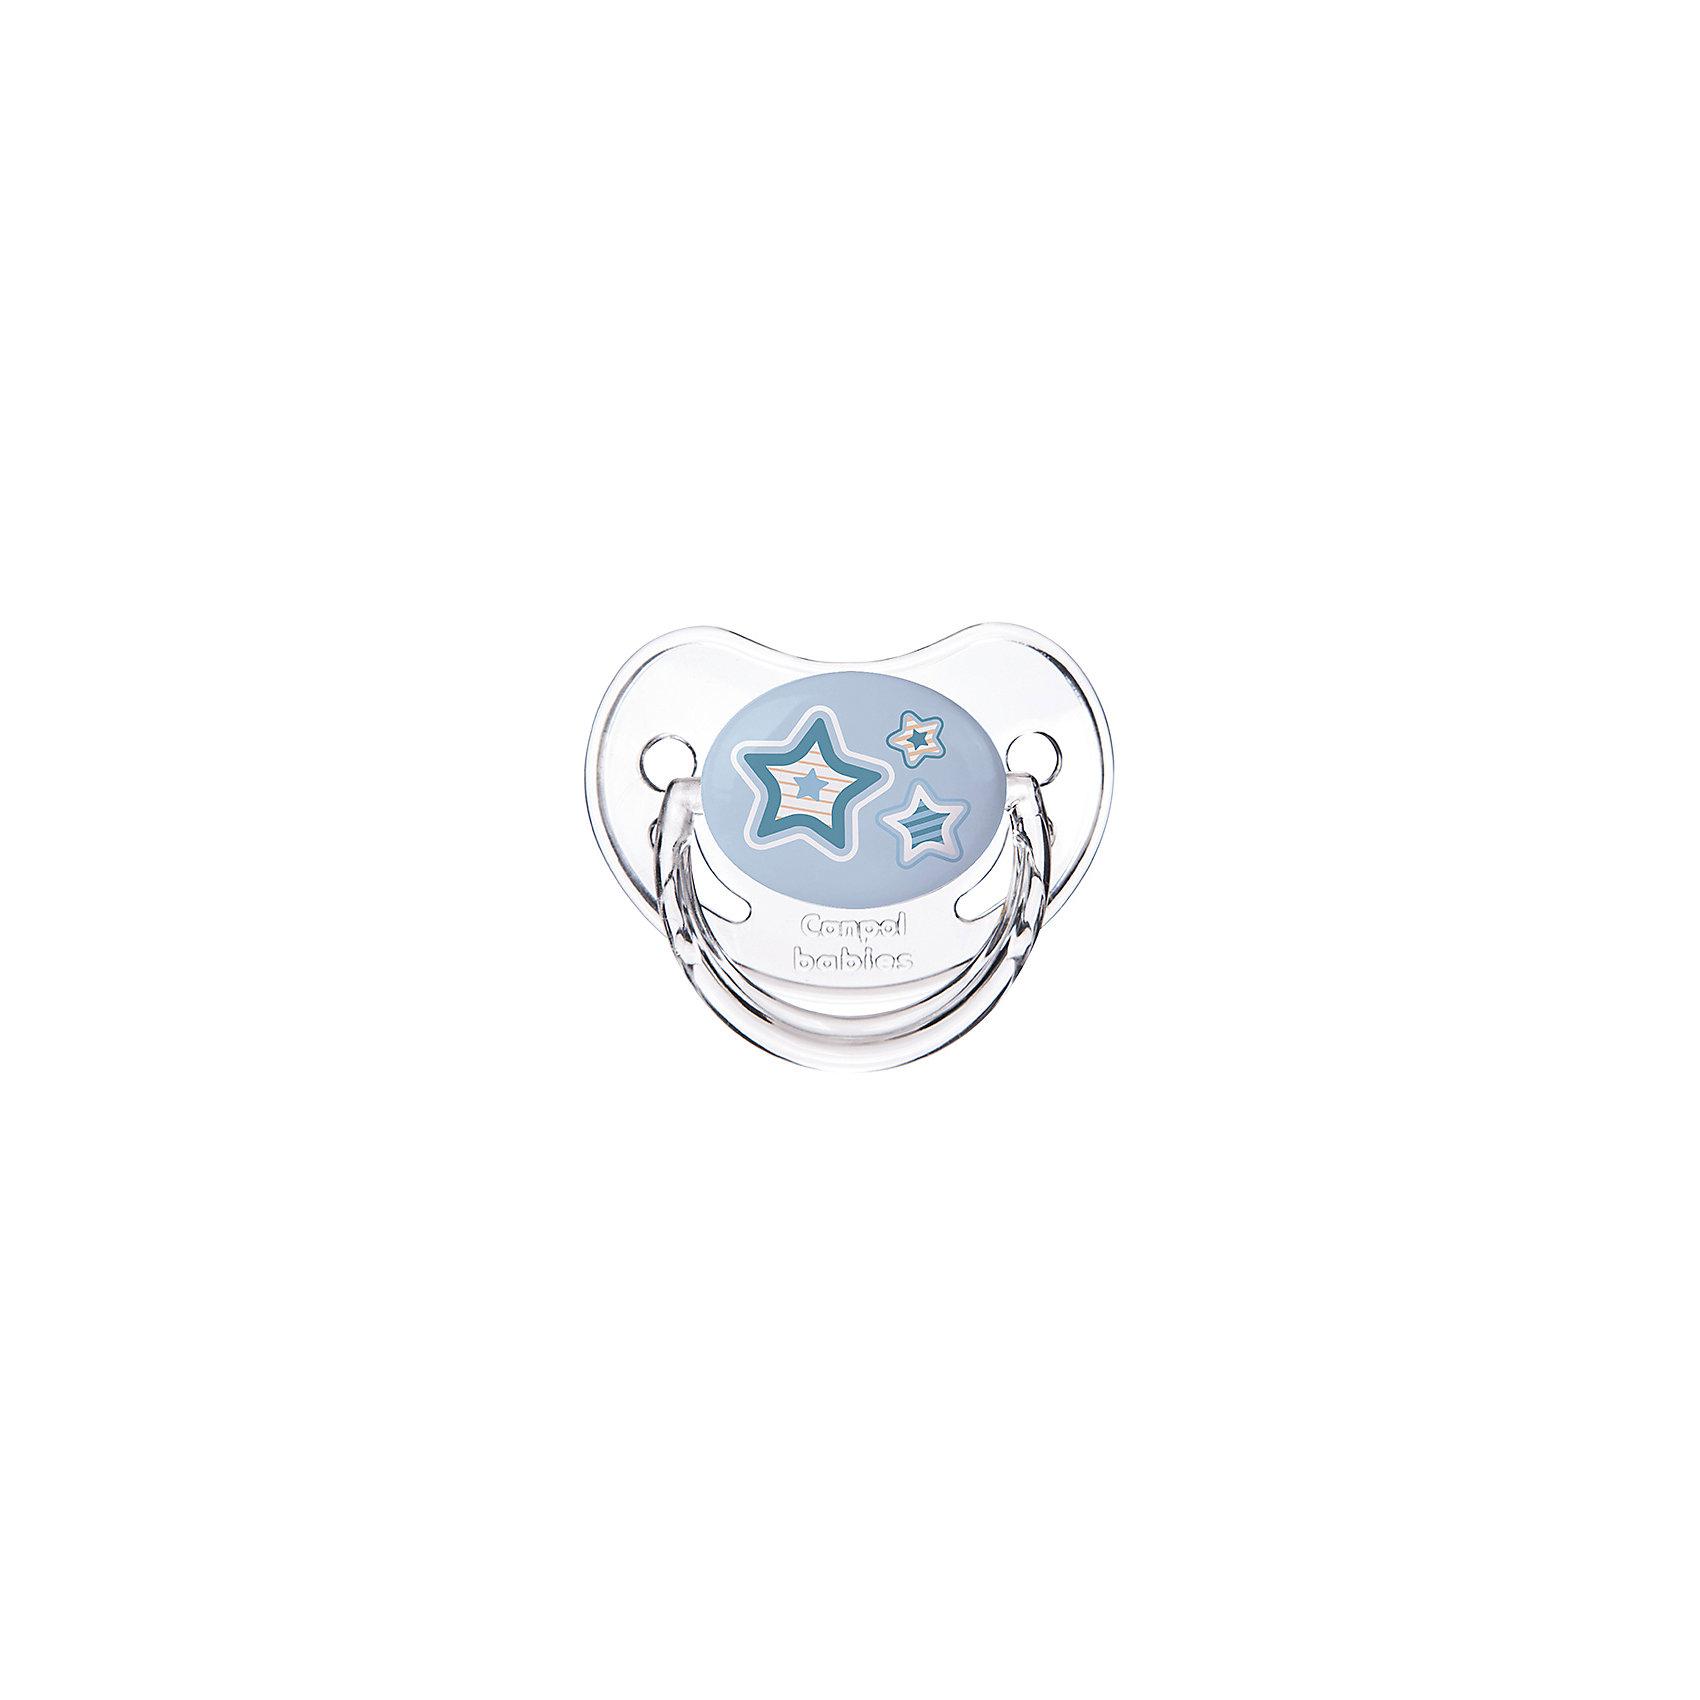 Пустышка анатомическая силиконовая, 0-6 Newborn baby, Canpol Babies, голубой